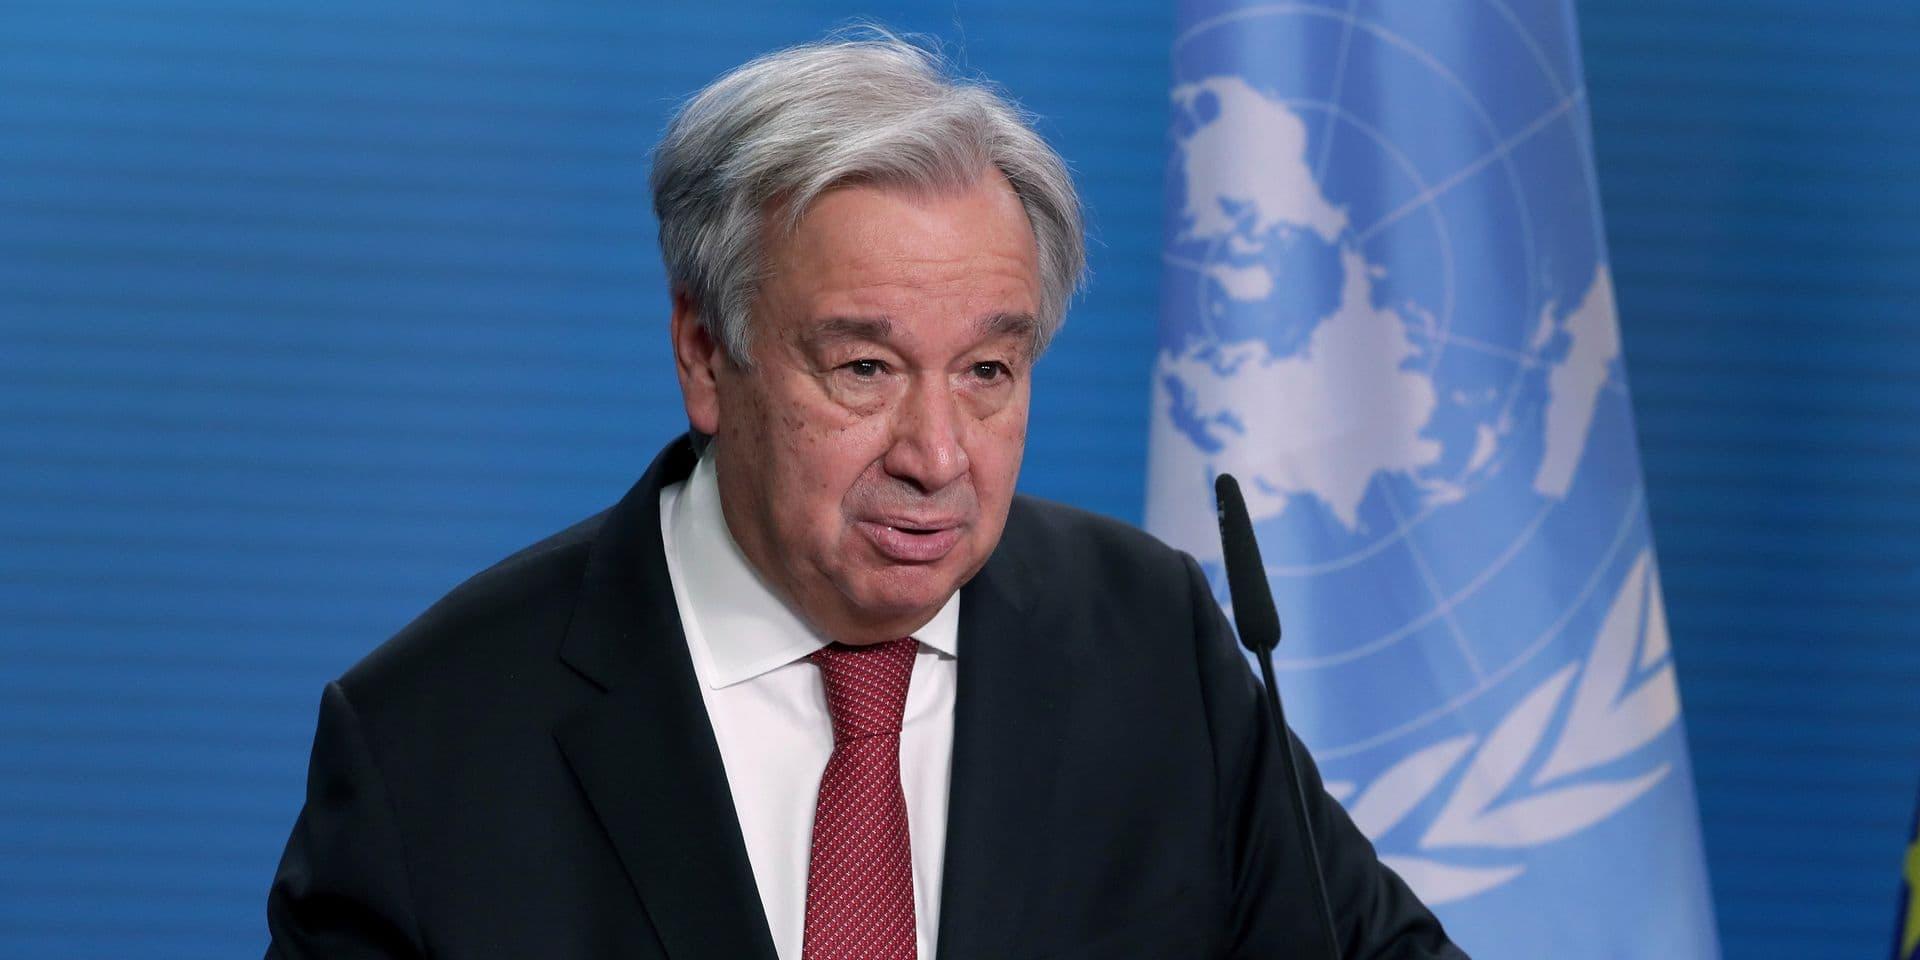 Trop endettés auprès de l'ONU, sept pays perdent leur droit de vote à l'Assemblée générale de l'ONU